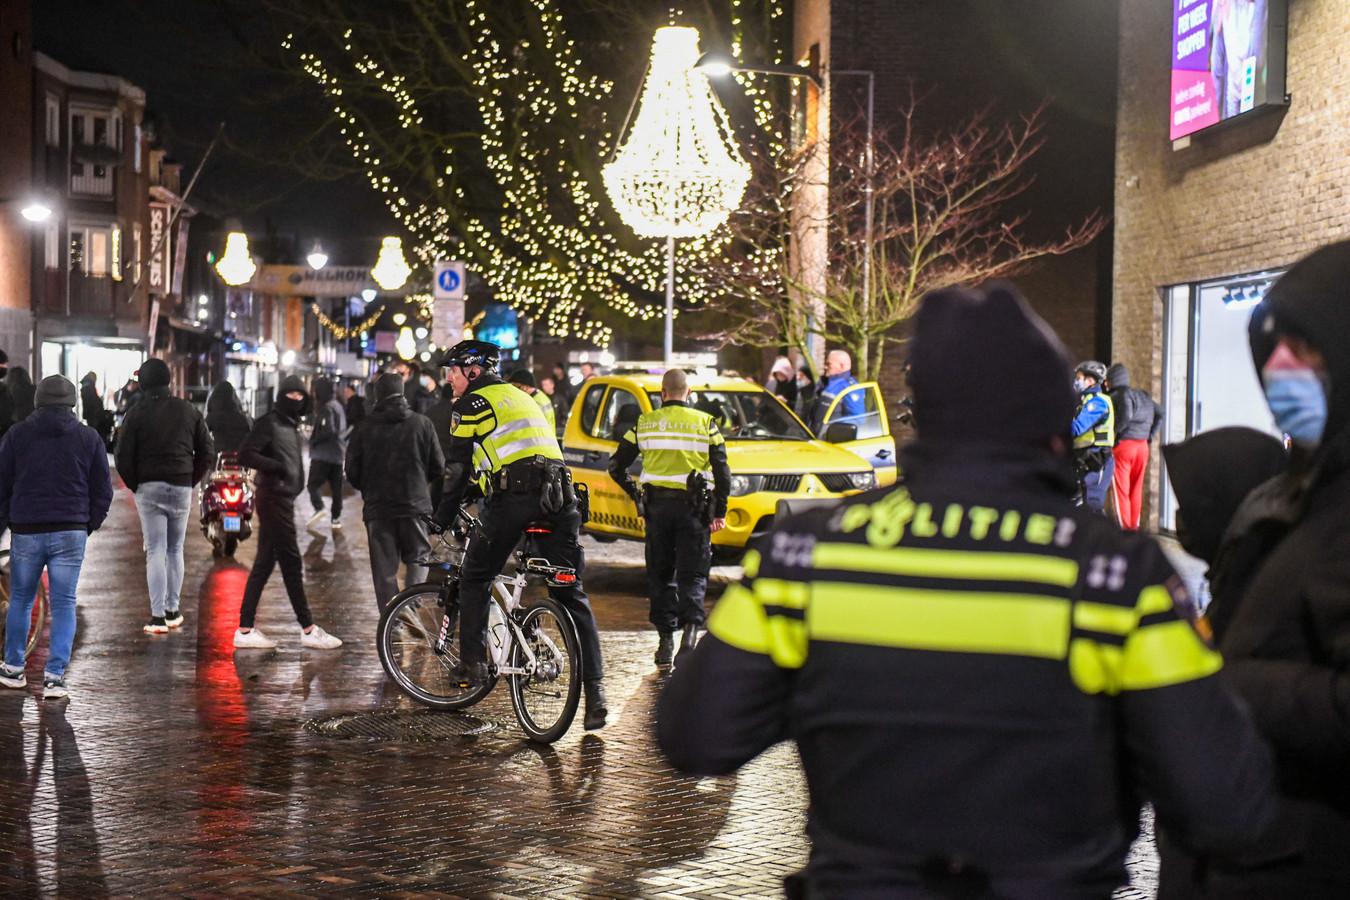 Grimmige sfeer in het centrum van Alphen. Veel jongeren op en rond het Rijnplein tijdens de 'demonstratie' tegen de avondklok.